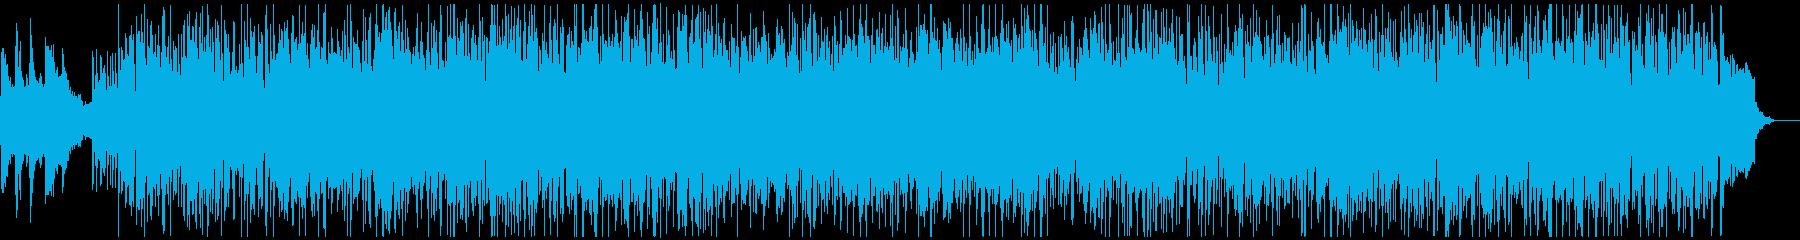 軽快で明るいピアノSaxお洒落なボサノバの再生済みの波形